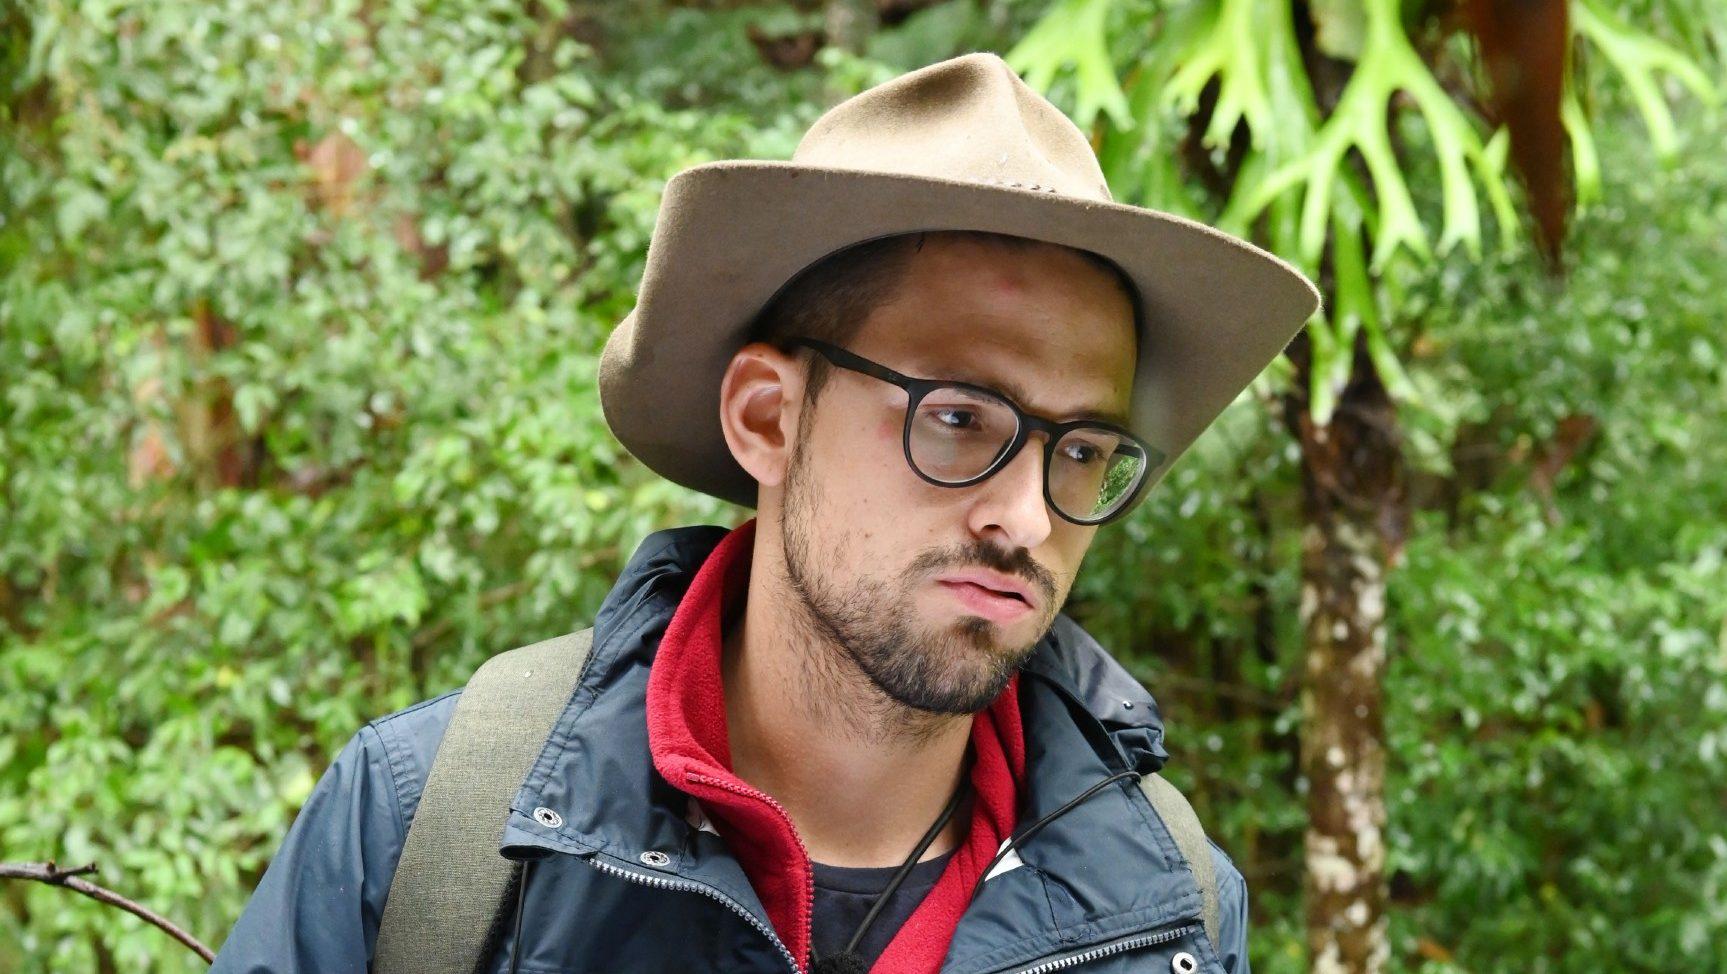 Dschungelcamp 2020 Marco